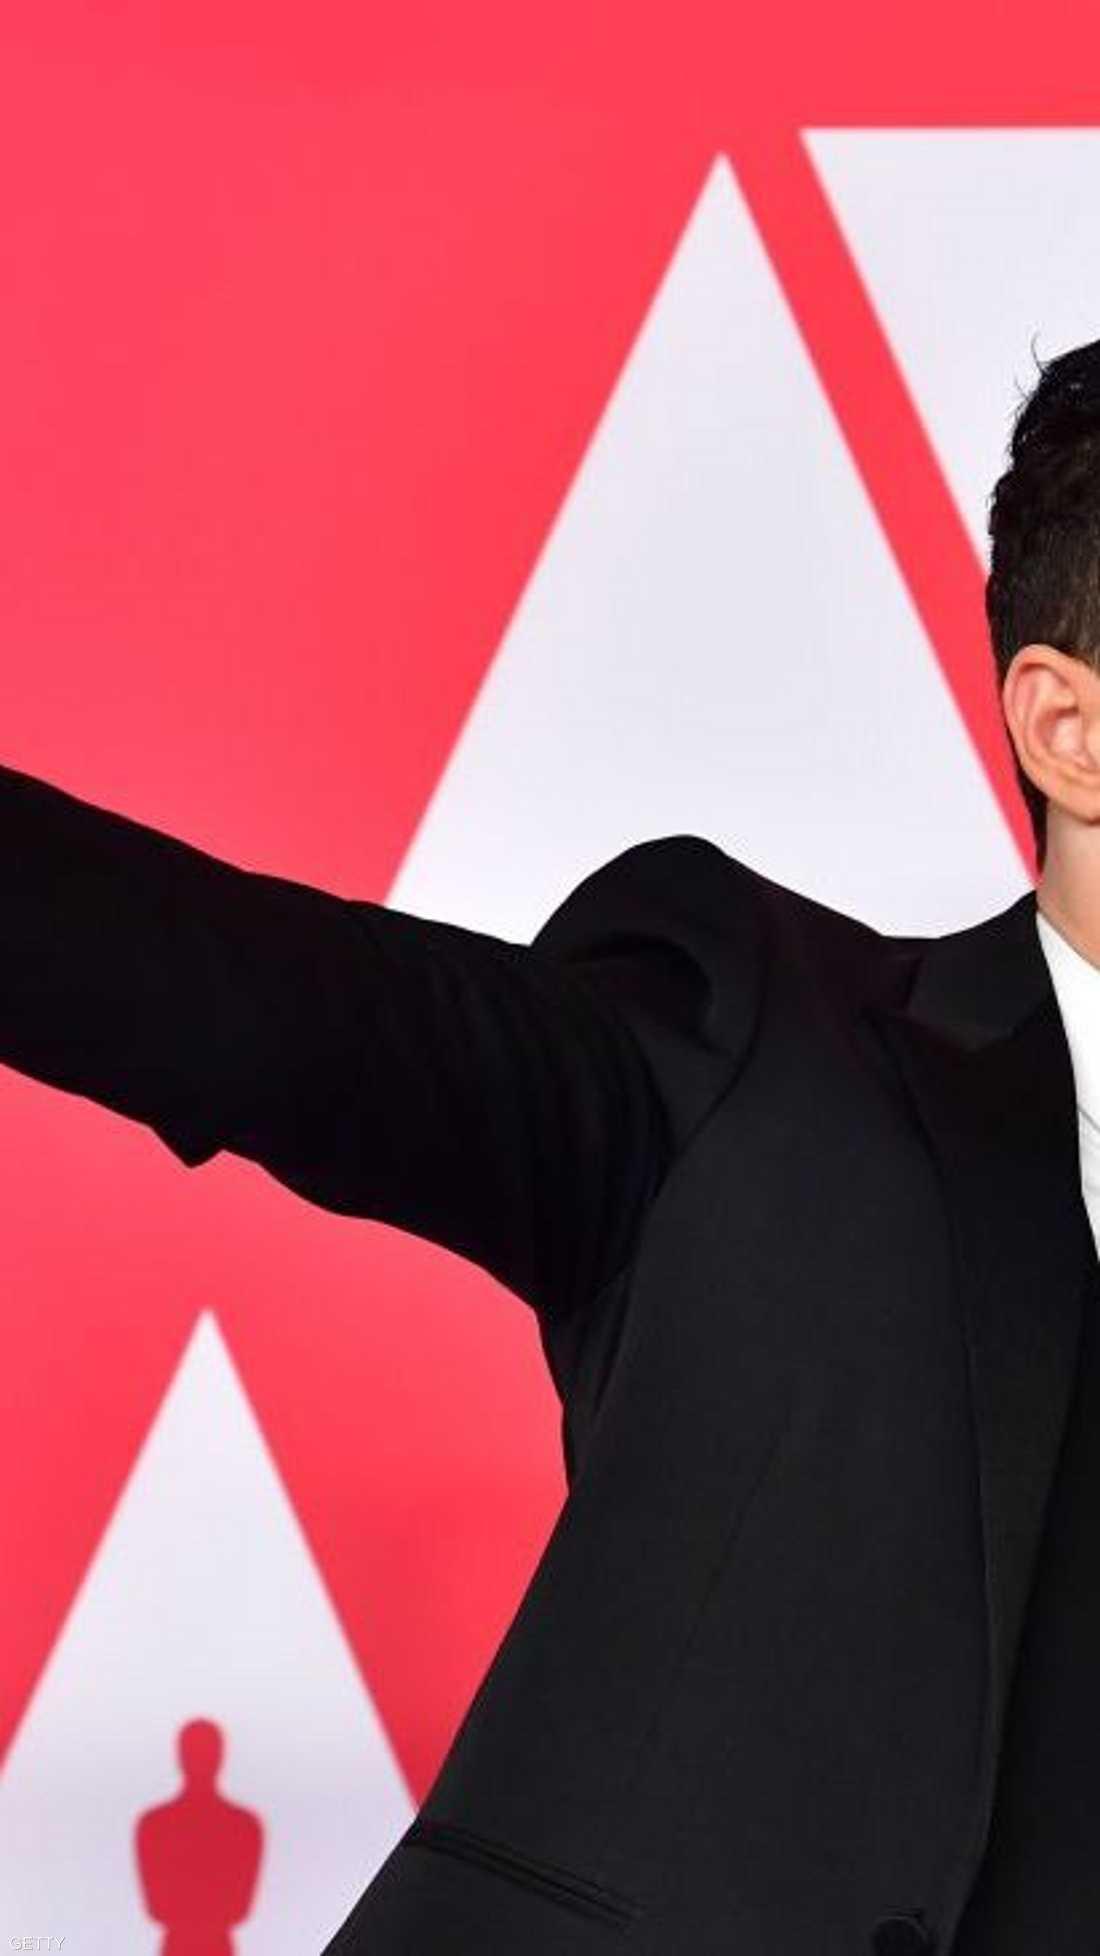 """فاز الممثل الأميركي، ذو الأصل المصري، رامي مالك بجائزة أوسكار القيمة لأفضل ممثل، عن دوره في فيلم """"الملحمة البوهيمية"""" (بوهيميان رابسودي)."""